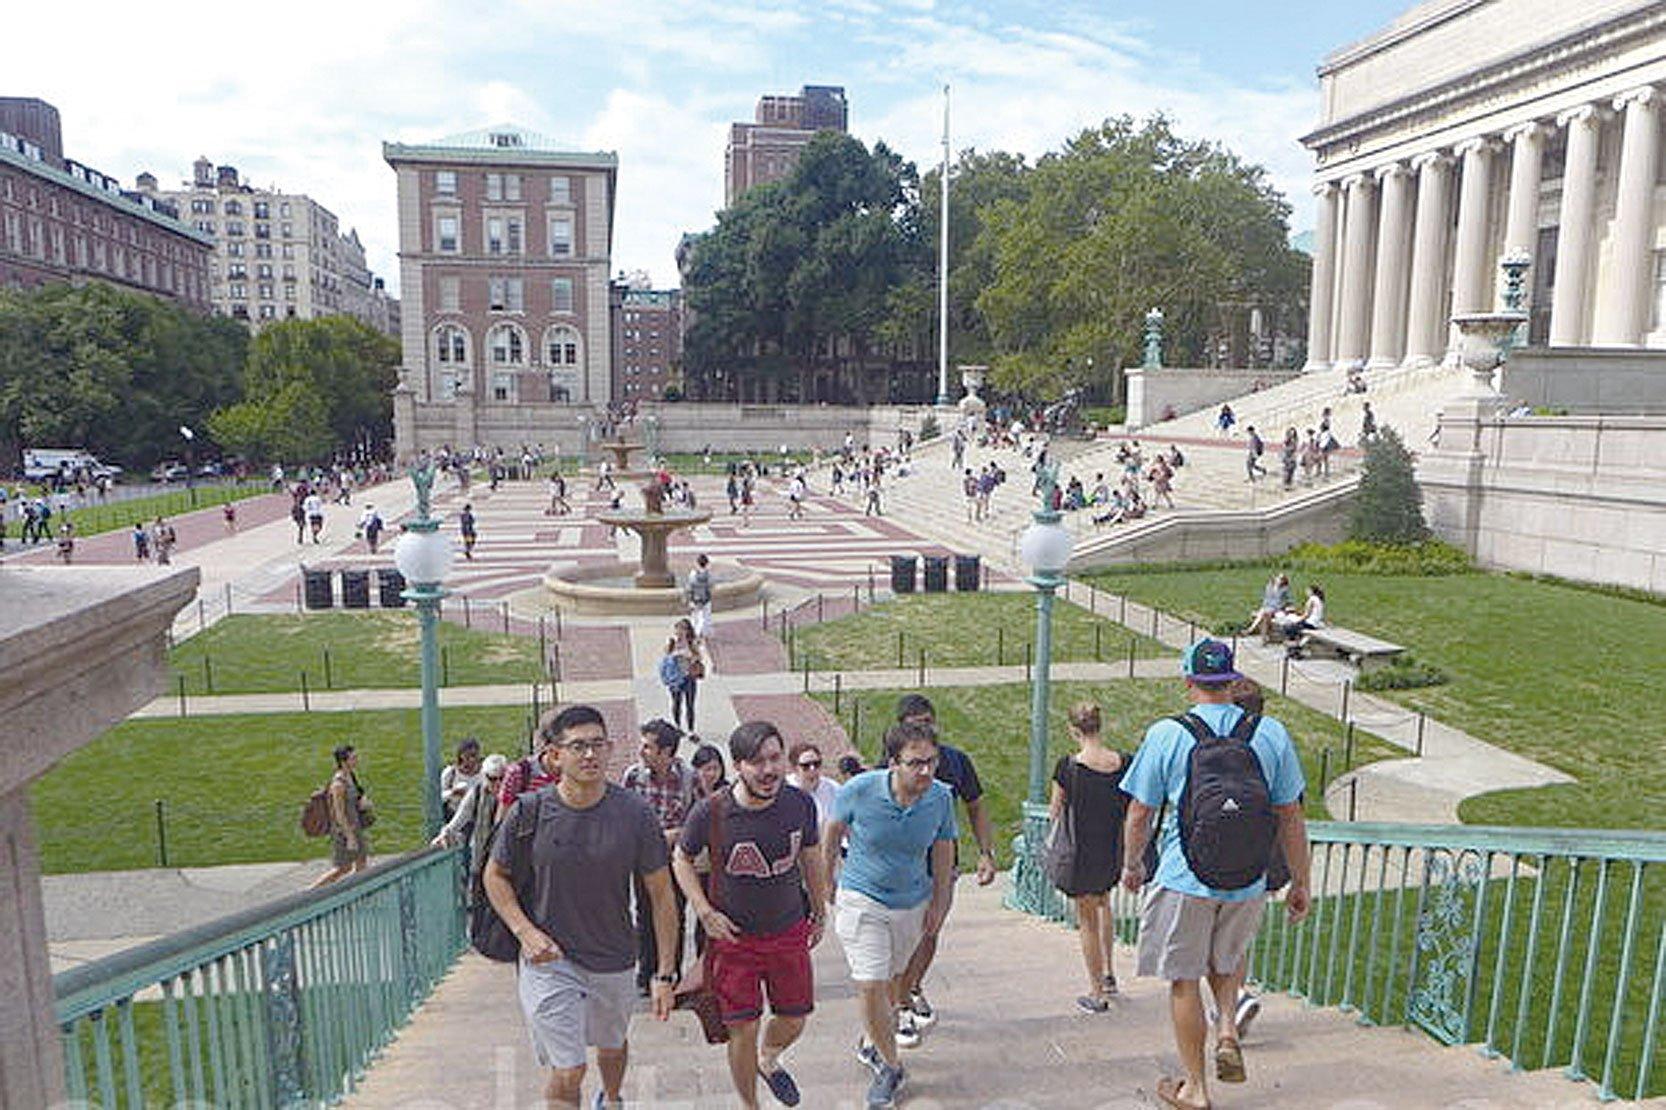 究竟是甚麼原因,將大批中國留學生罩在了間諜的陰雲之中?圖為在美國的中國留學生。(蔡溶/大紀元)